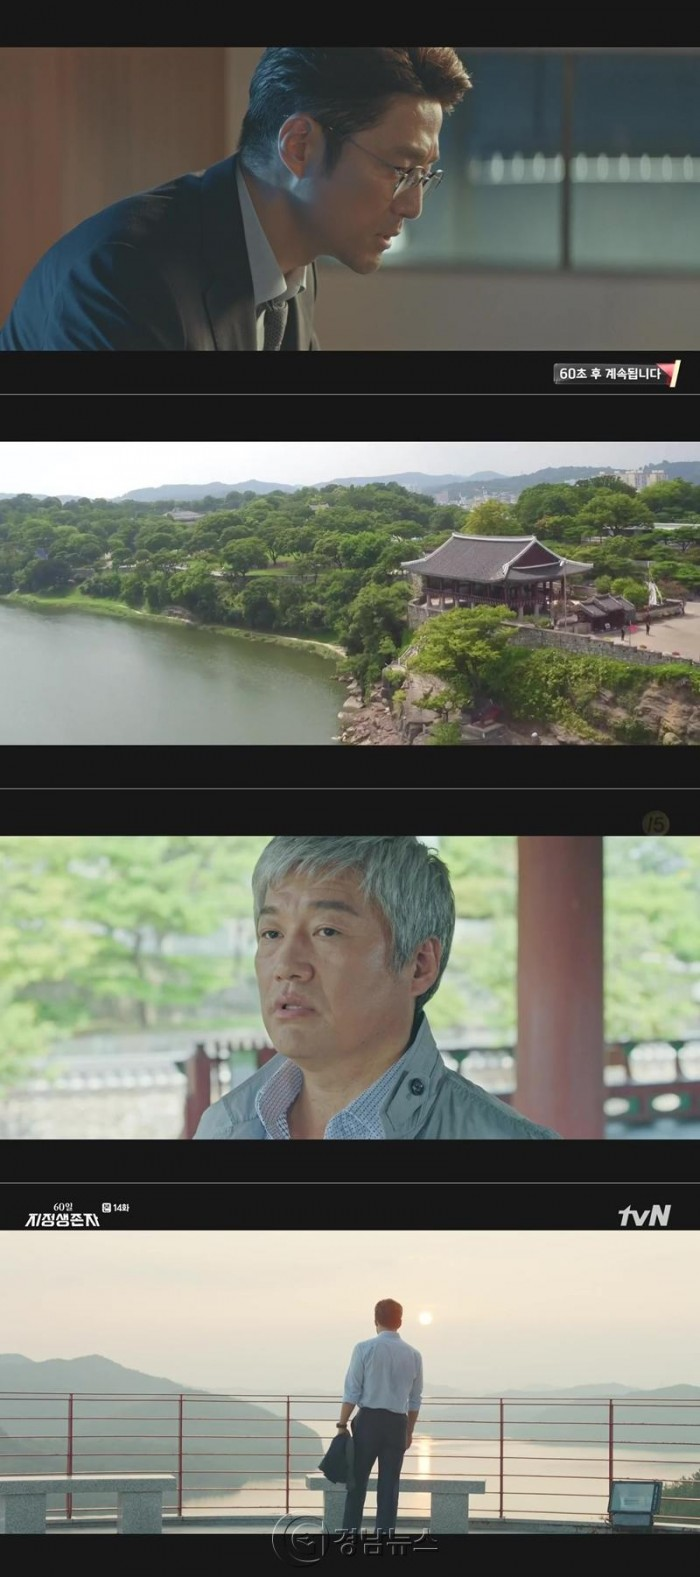 촉석루 마케팅, 드라마로 '웃음꽃' 수상 축제로 '잡음'